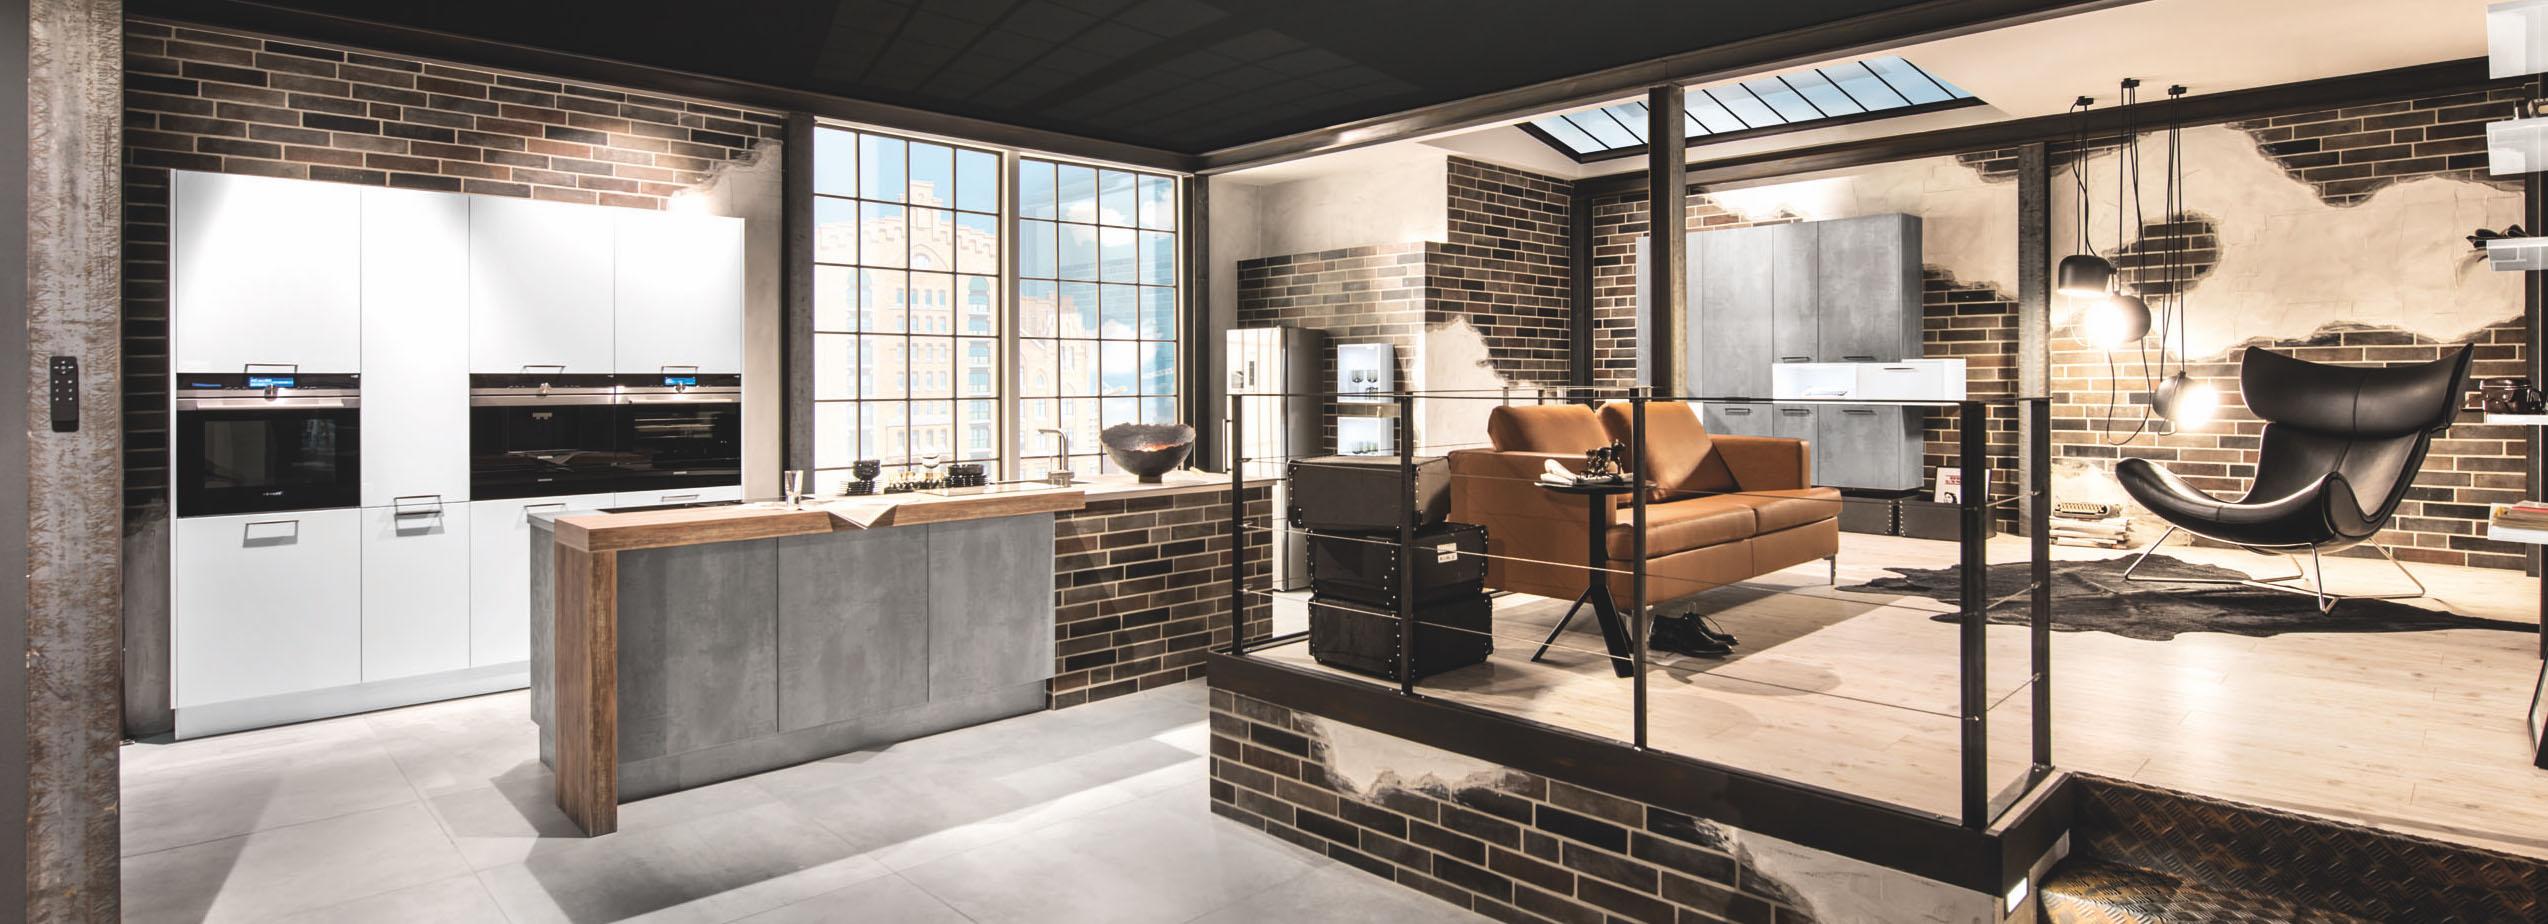 ou faire sa cuisine awesome ou vous marquez cette page sur signet zone nous essayons pour vous. Black Bedroom Furniture Sets. Home Design Ideas